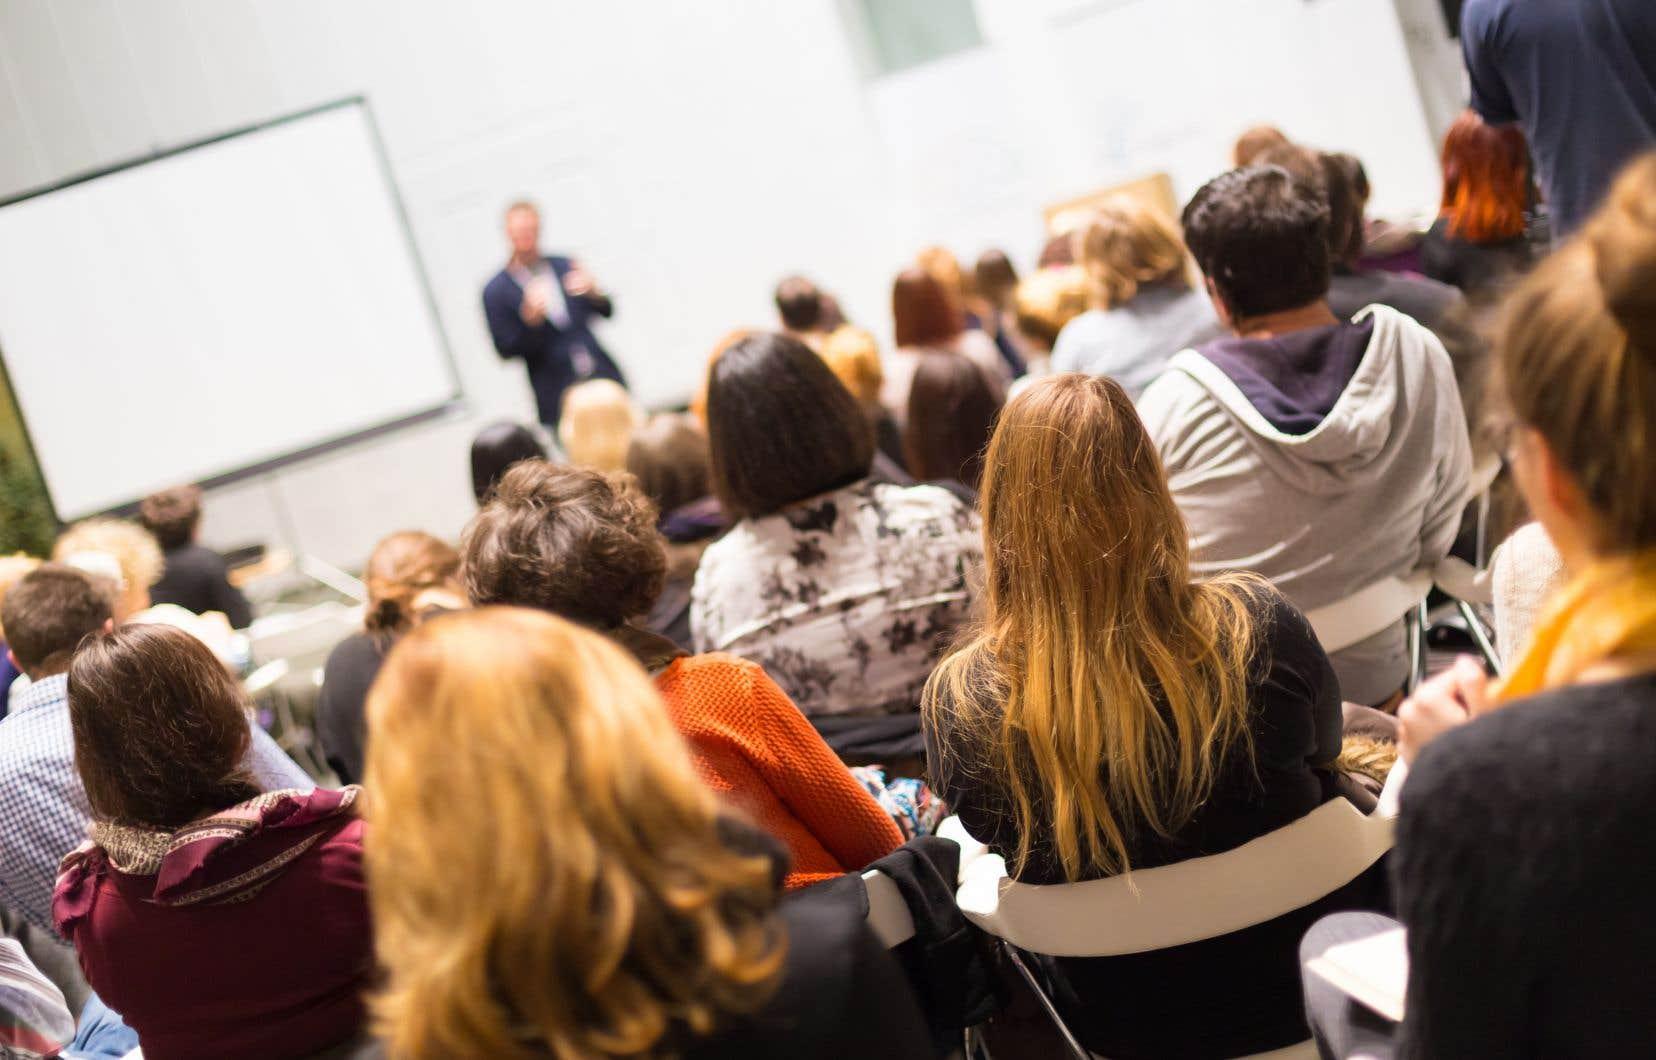 Les chargés de cours n'ont pas de sécurité d'emploi et peuvent être exclus de ce métier par des mesures discriminatoires souvent sans appel, par la direction d'un département ou par l'Assemblée départementale des professeurs.